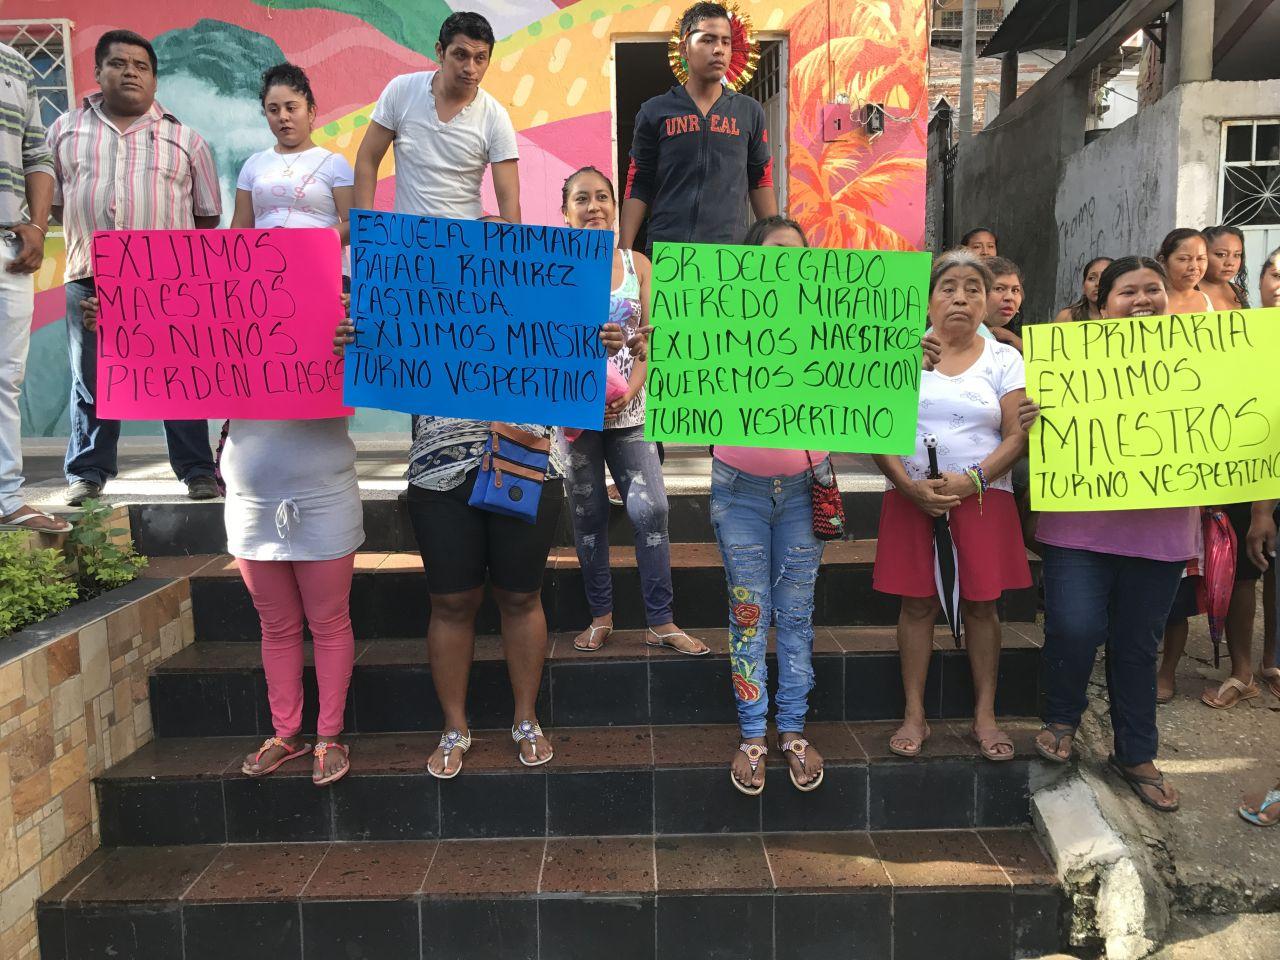 Más protestas contra el gobierno de Guerrero; paterfamilias de 8 escuelas piden maestros en Acapulco